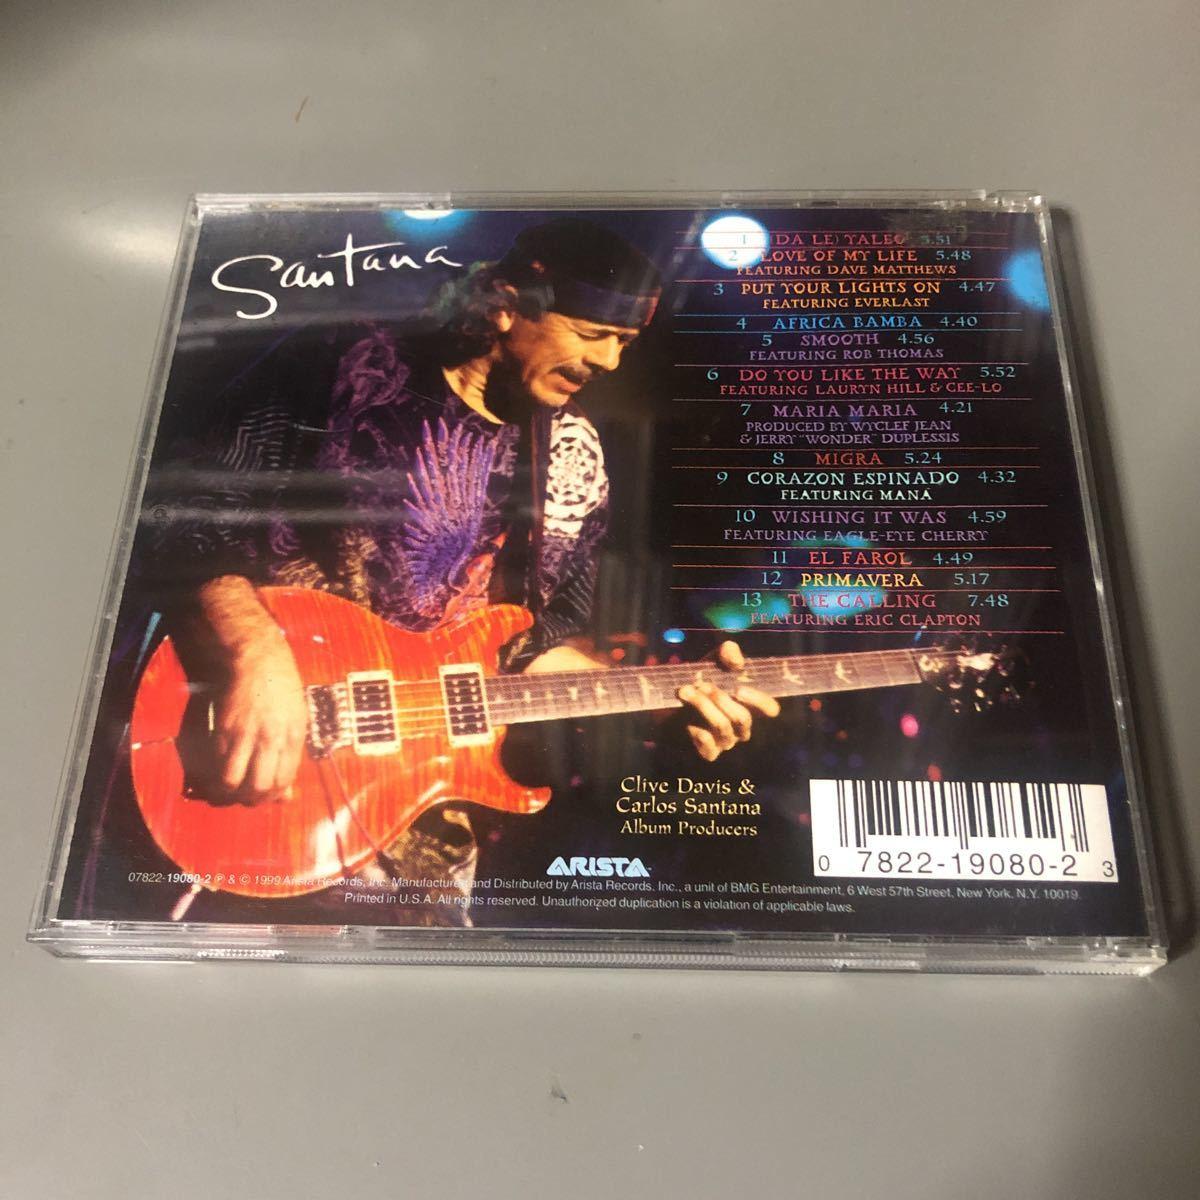 サンタナ スーパーナチュラル USA盤CD①